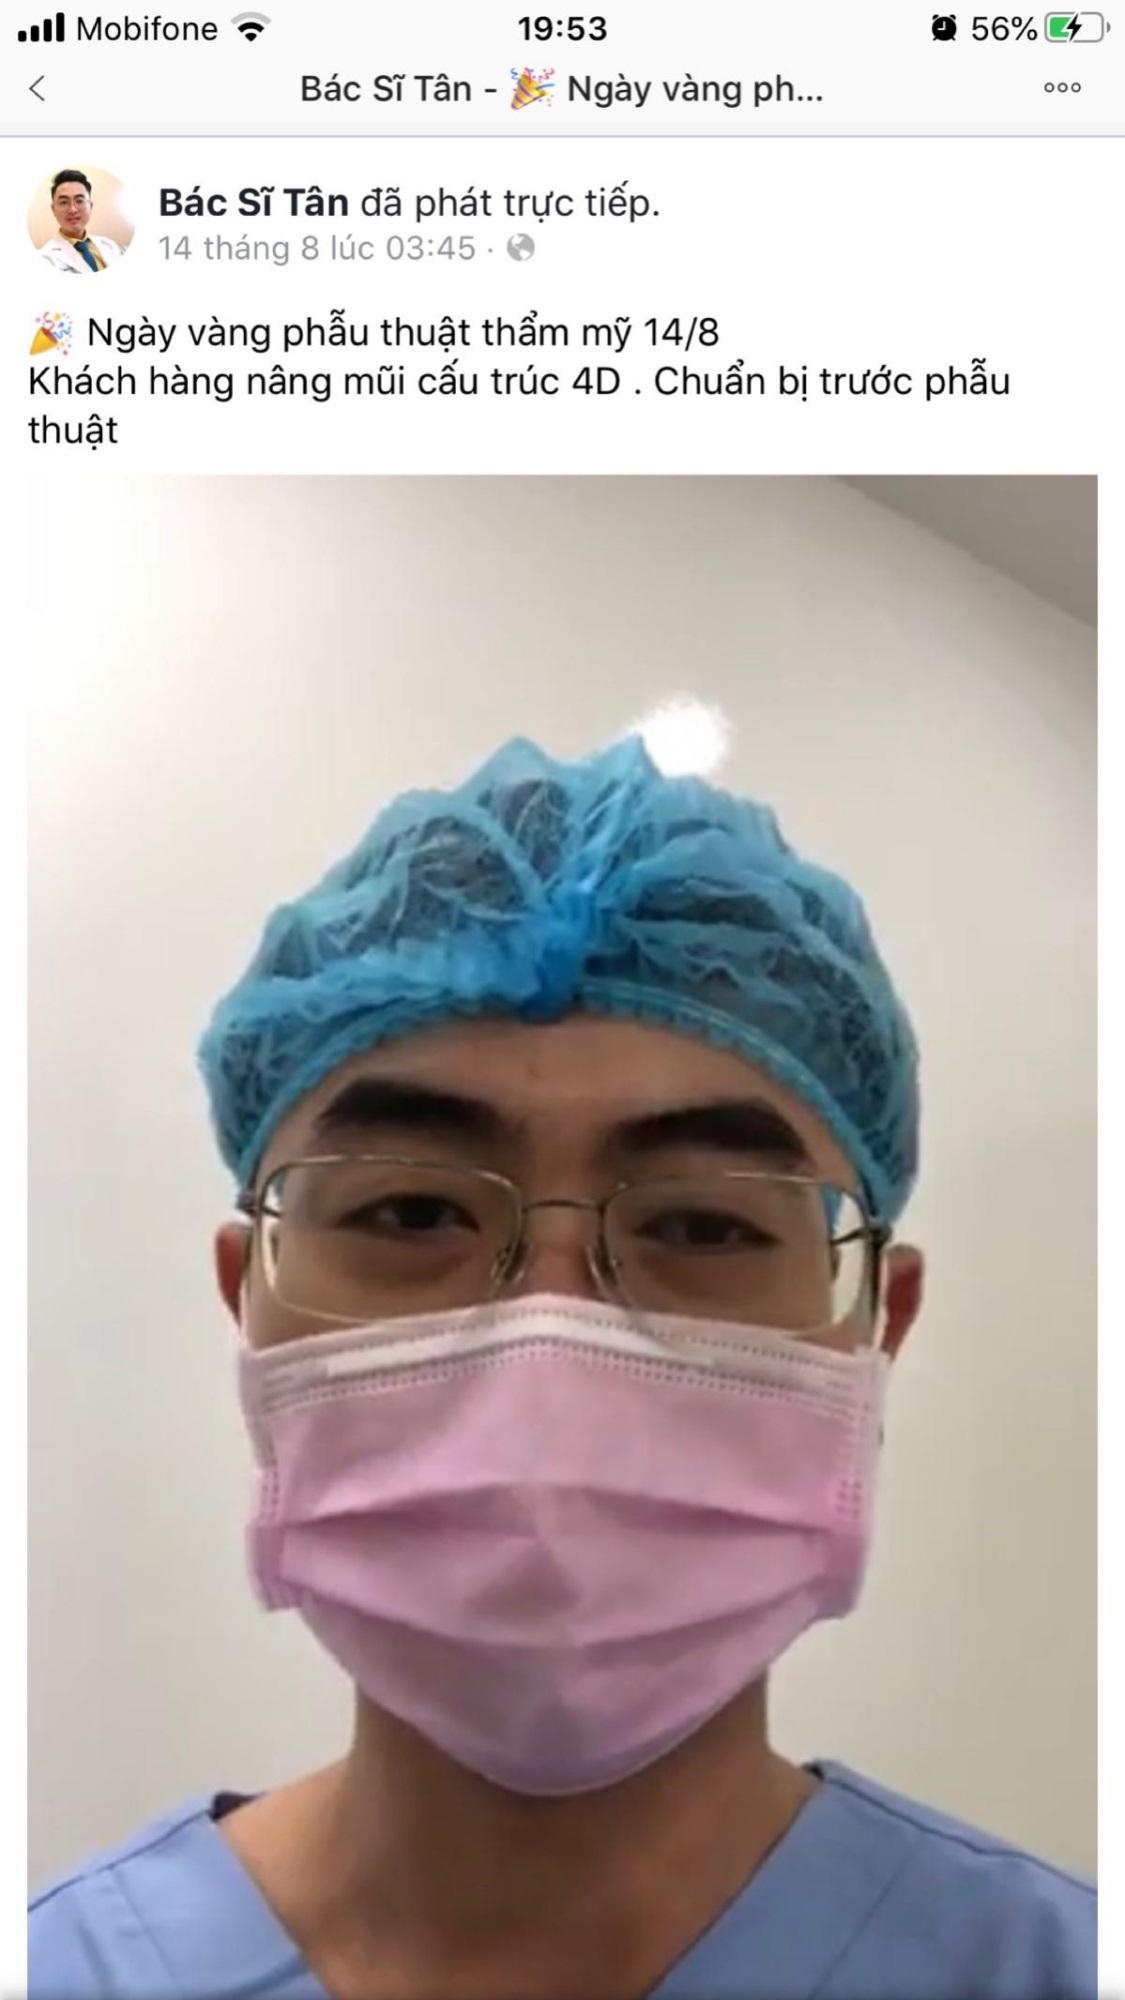 """TP.HCM bắt quả tang một bác sĩ chưa có chứng chỉ hành nghề đang tiến hành phẫu thuật… """"dạo"""" - Ảnh 5"""